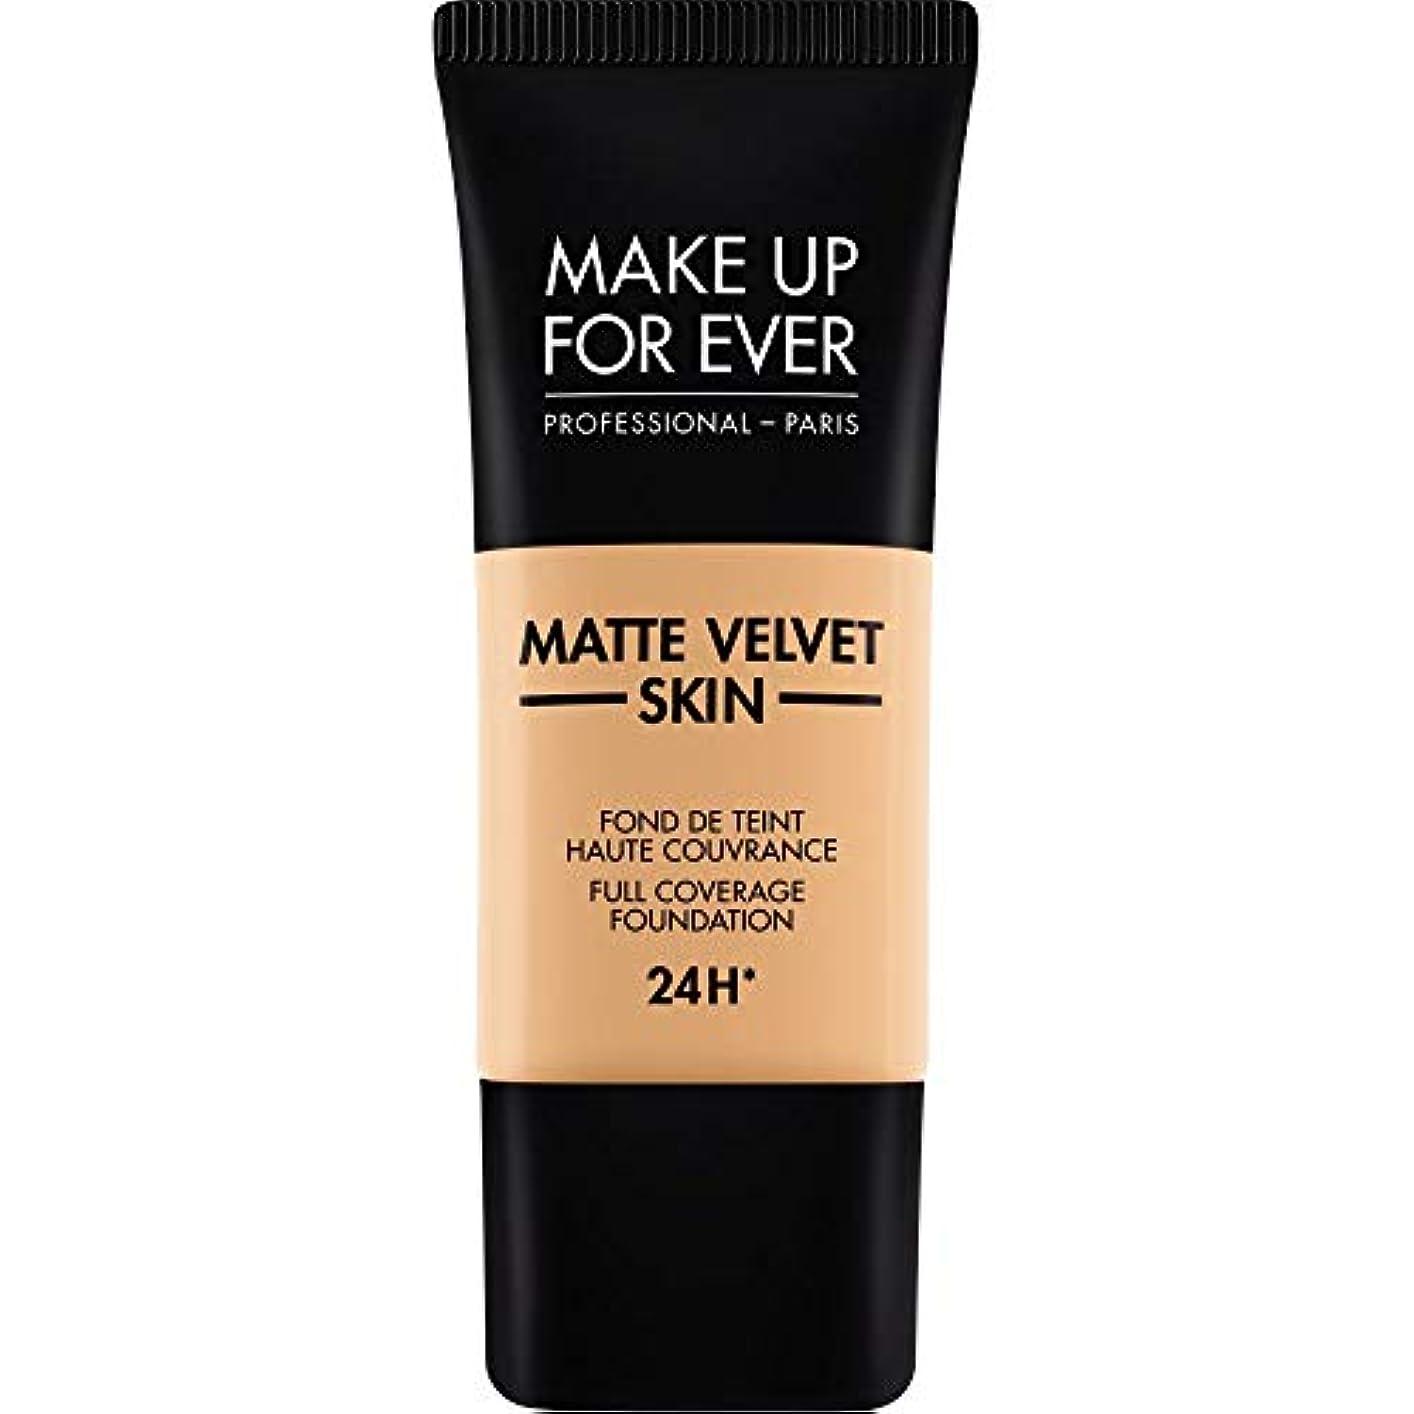 そのようなフィット交渉する[MAKE UP FOR EVER] これまでマットベルベットの皮膚のフルカバレッジ基礎30ミリリットルのY315を補う - 砂 - MAKE UP FOR EVER Matte Velvet Skin Full Coverage...